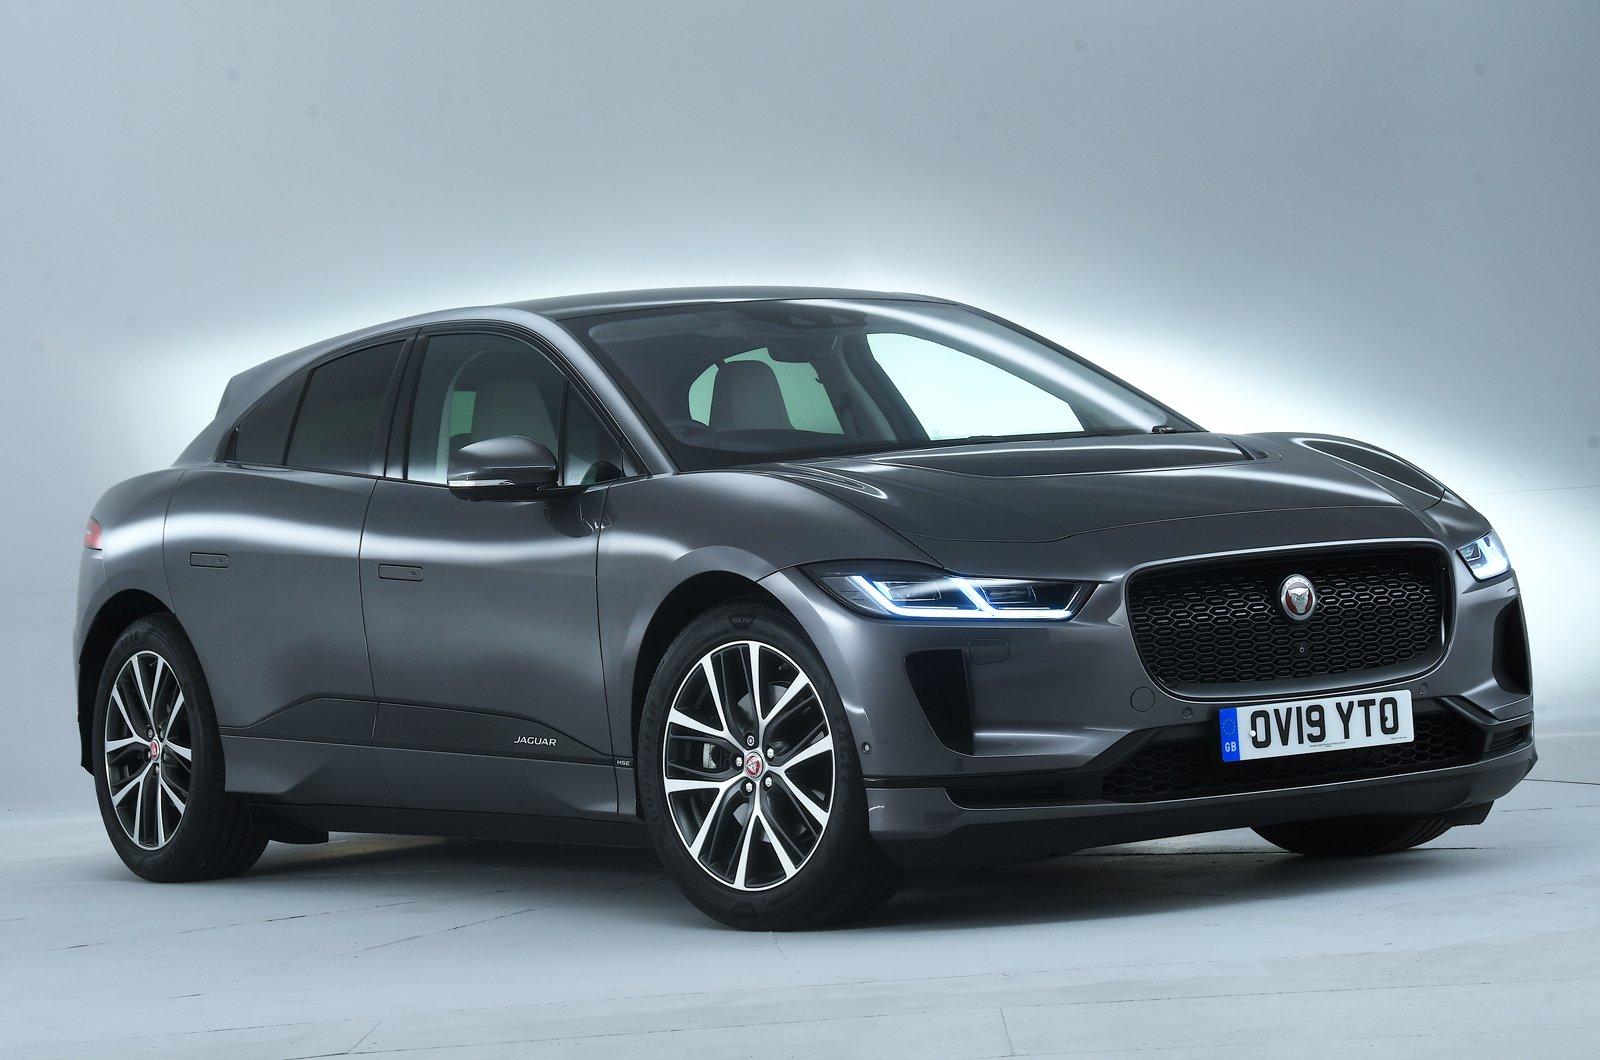 Jaguar I-Pace front studio